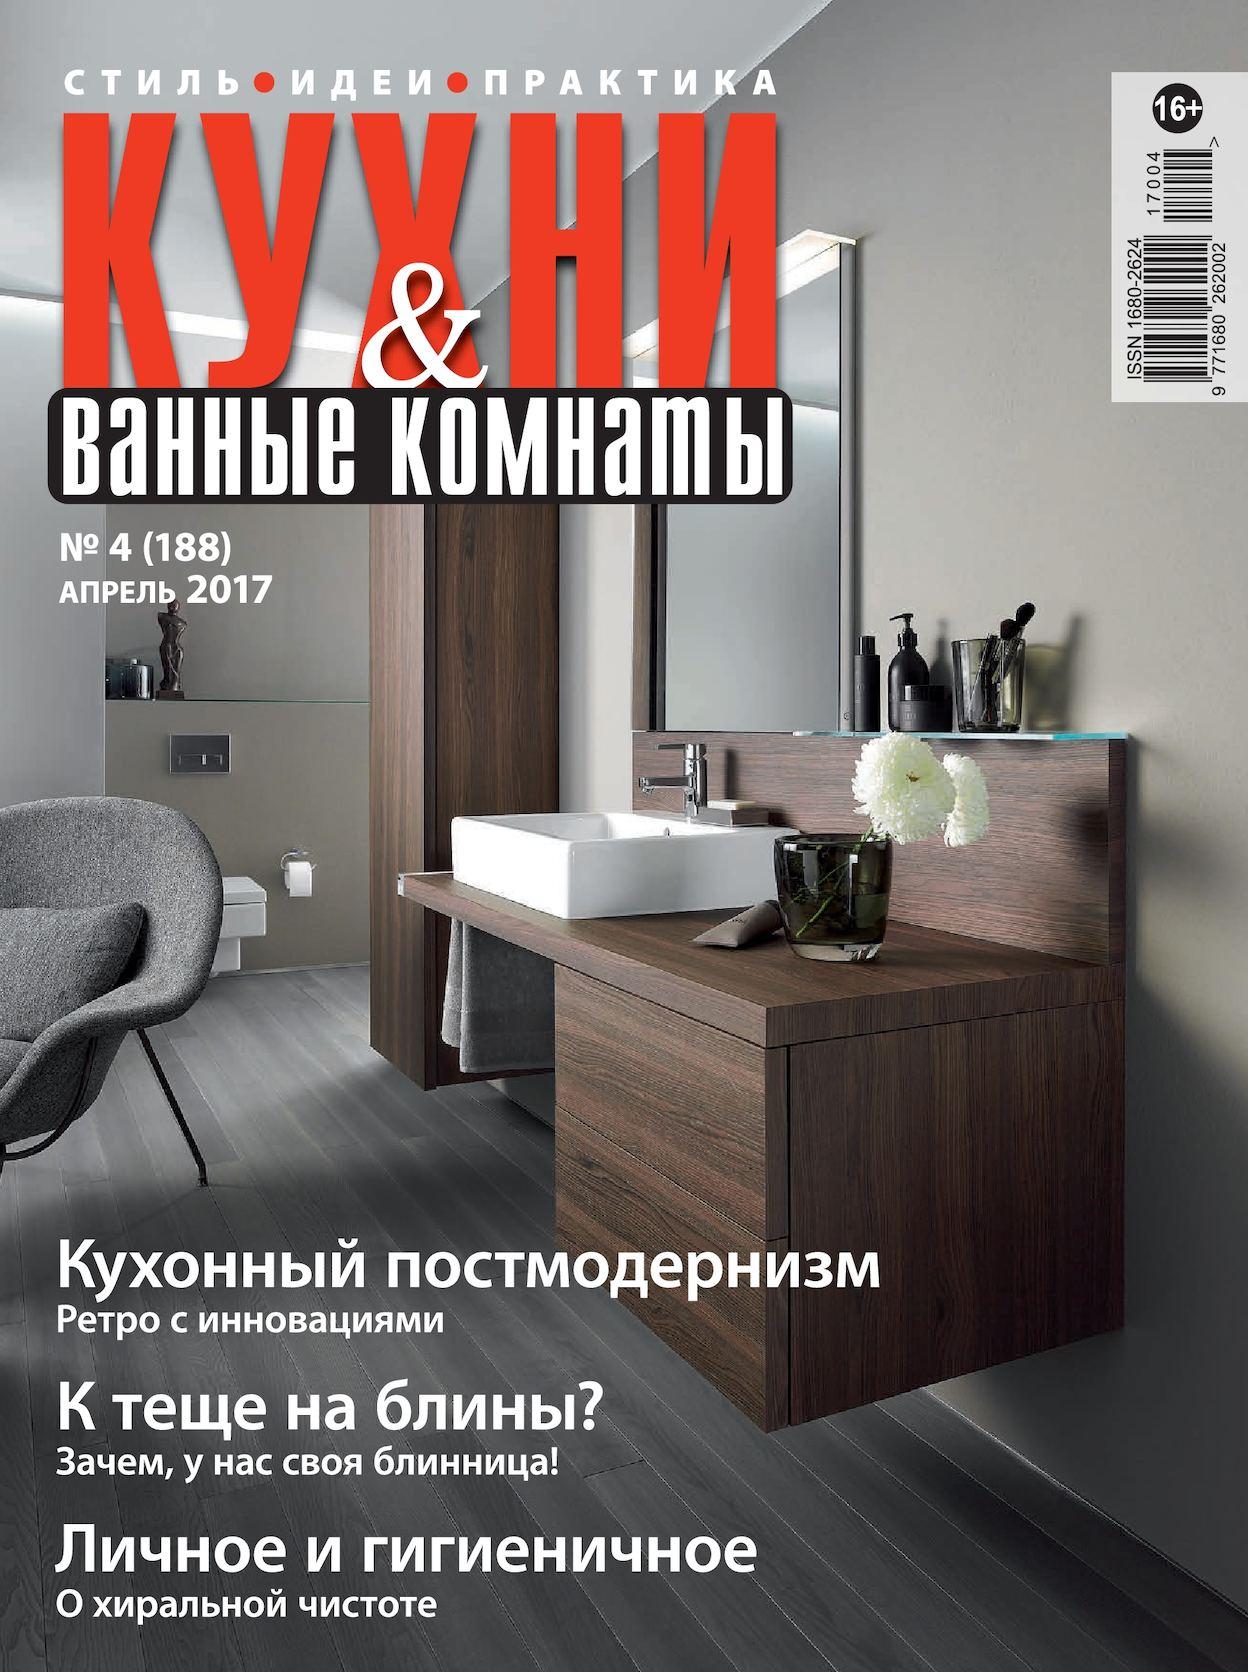 8d439b5d0 Calaméo - Журнал Кухни и ванные комнаты. Апрель 2017